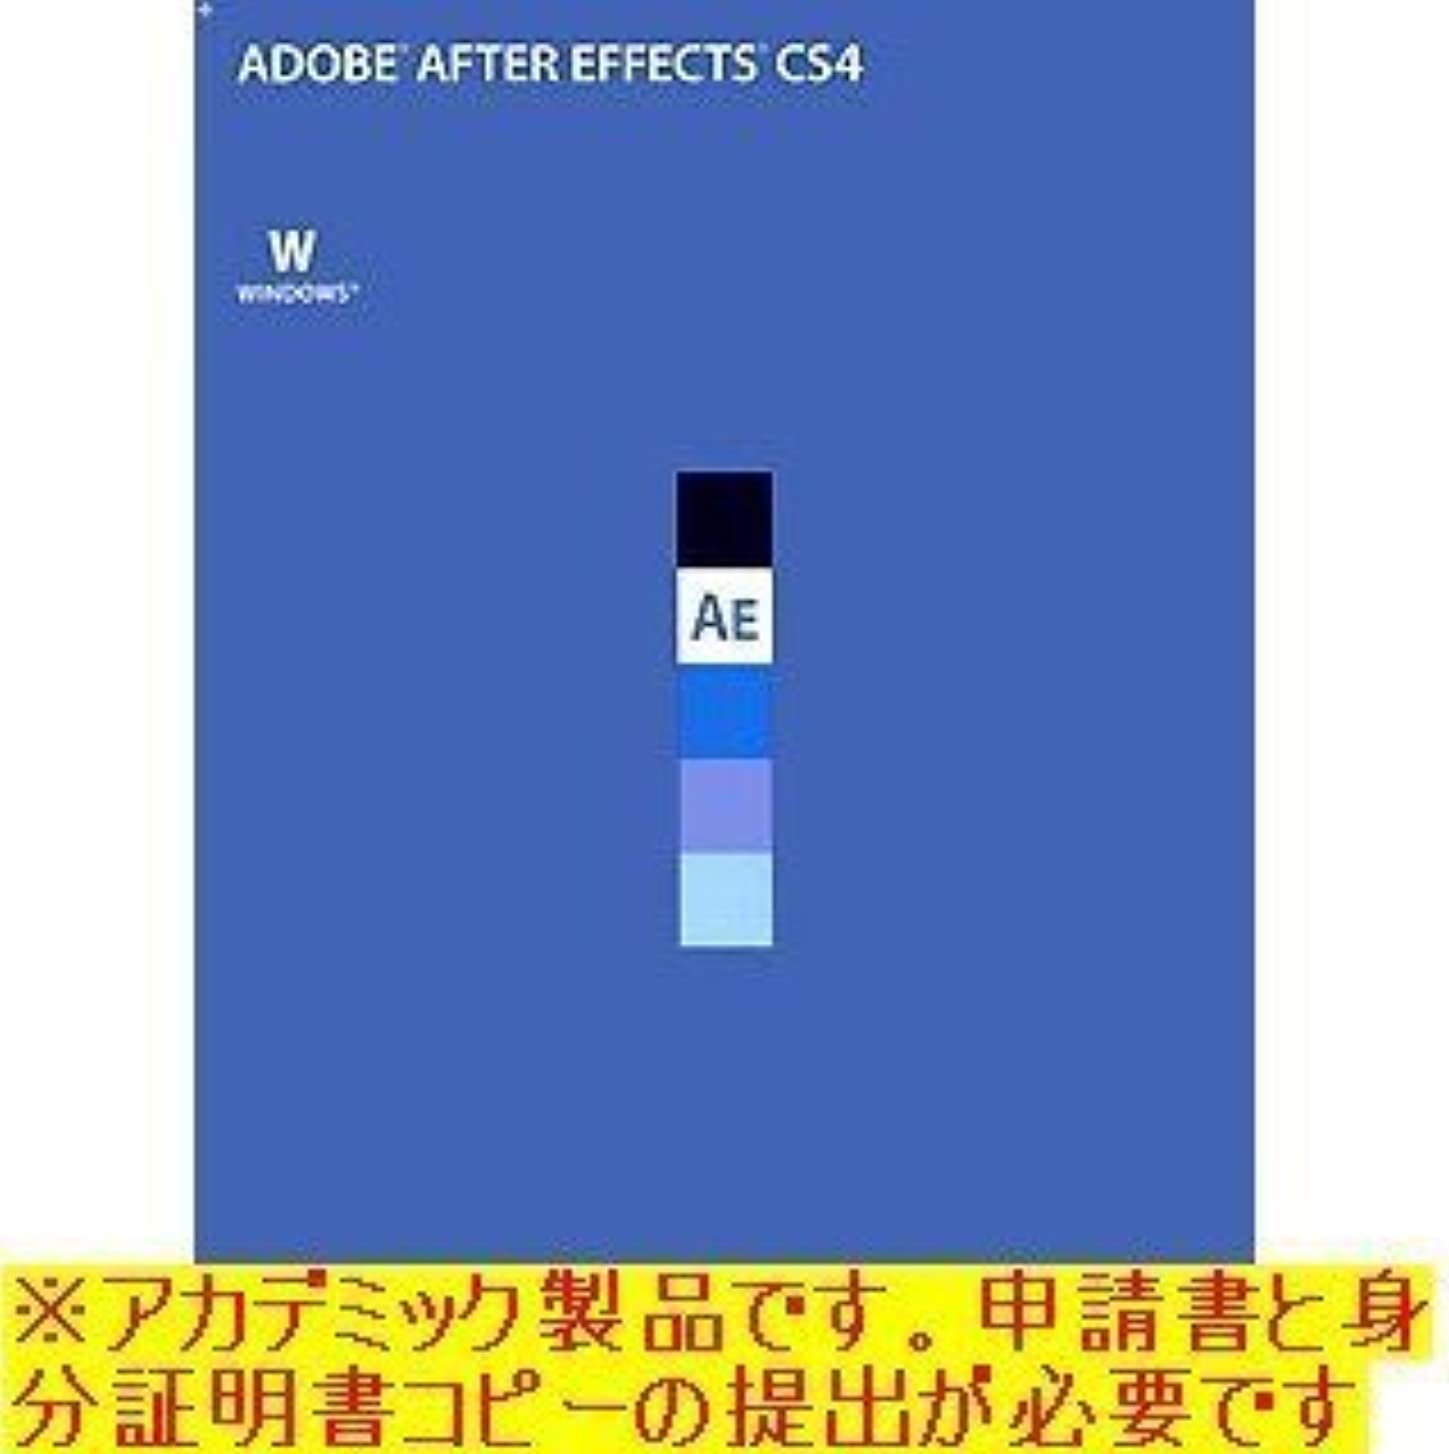 着替える病院苦しむアドビ(Adobe) 【Win版】Adobe After Effects CS4 (V9.0) 日本語版 Professional Windows版 アカデミック(学生?教職員向け) 65009853